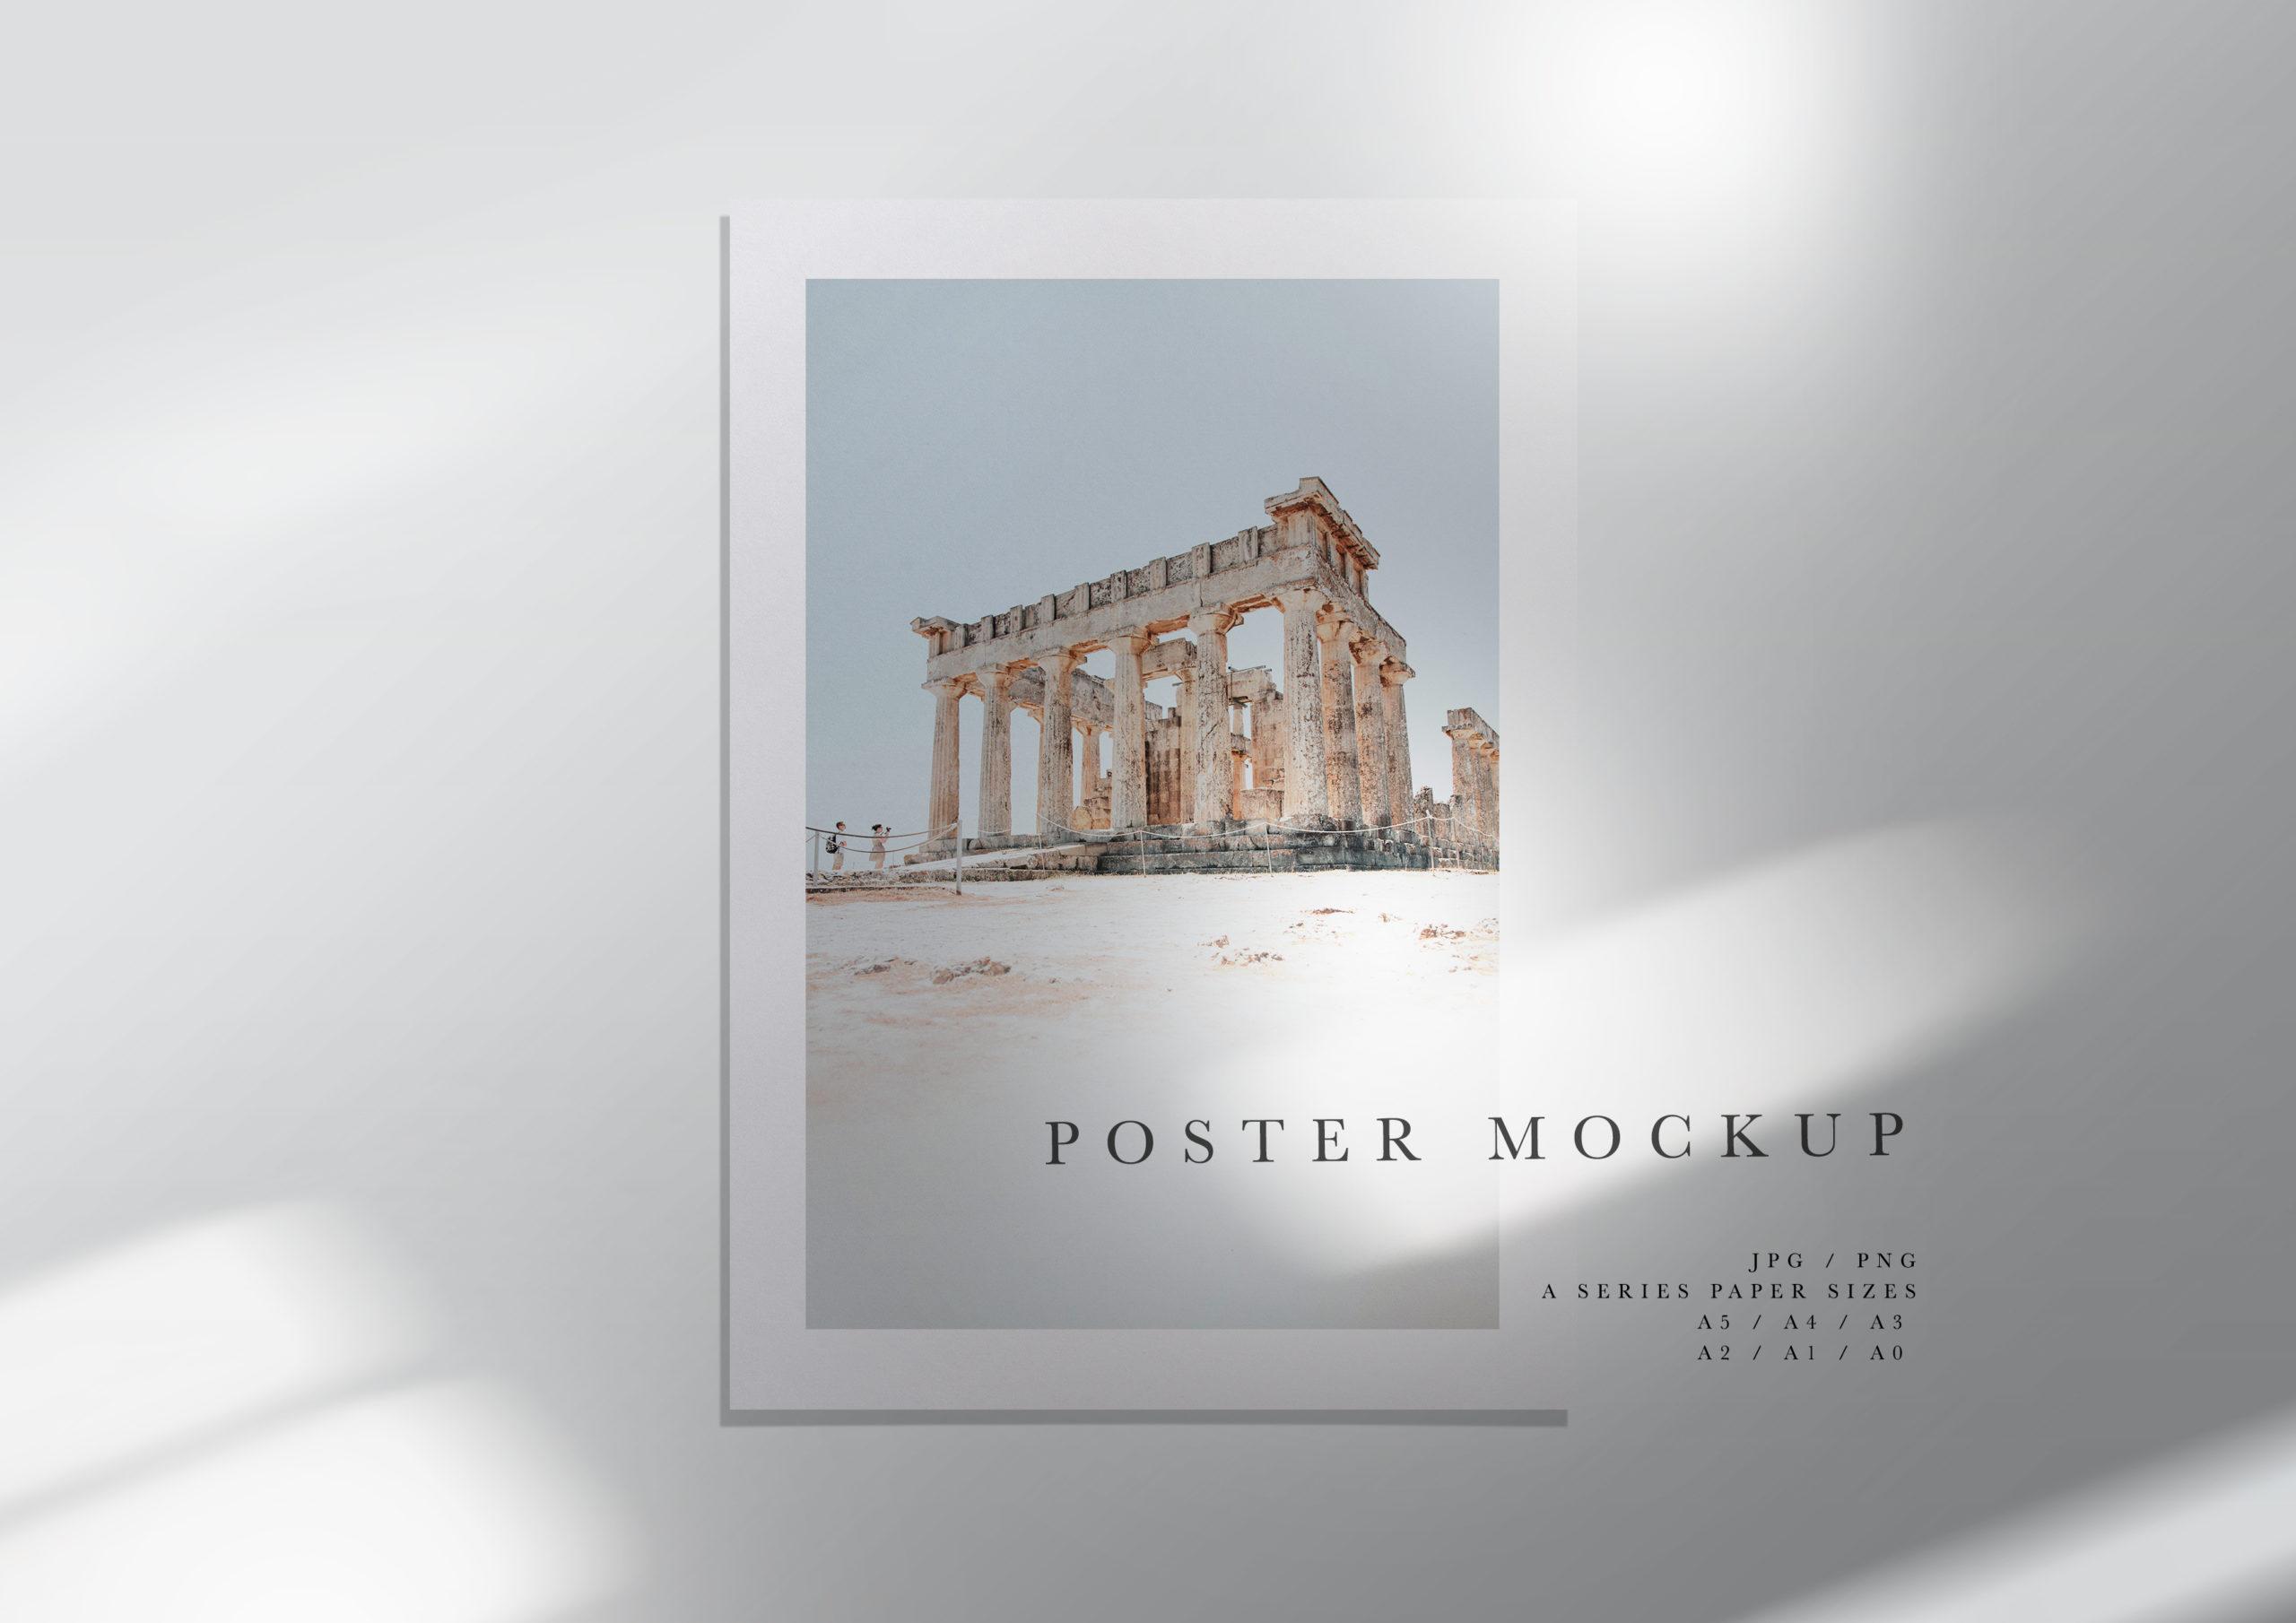 Frame Mockup 484 Grey Poster Mockup Styled Poster Mock Up A4